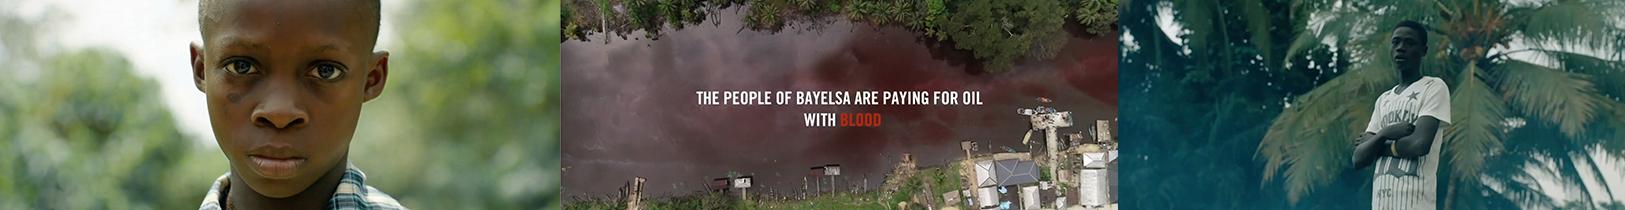 BAYELSA.jpg